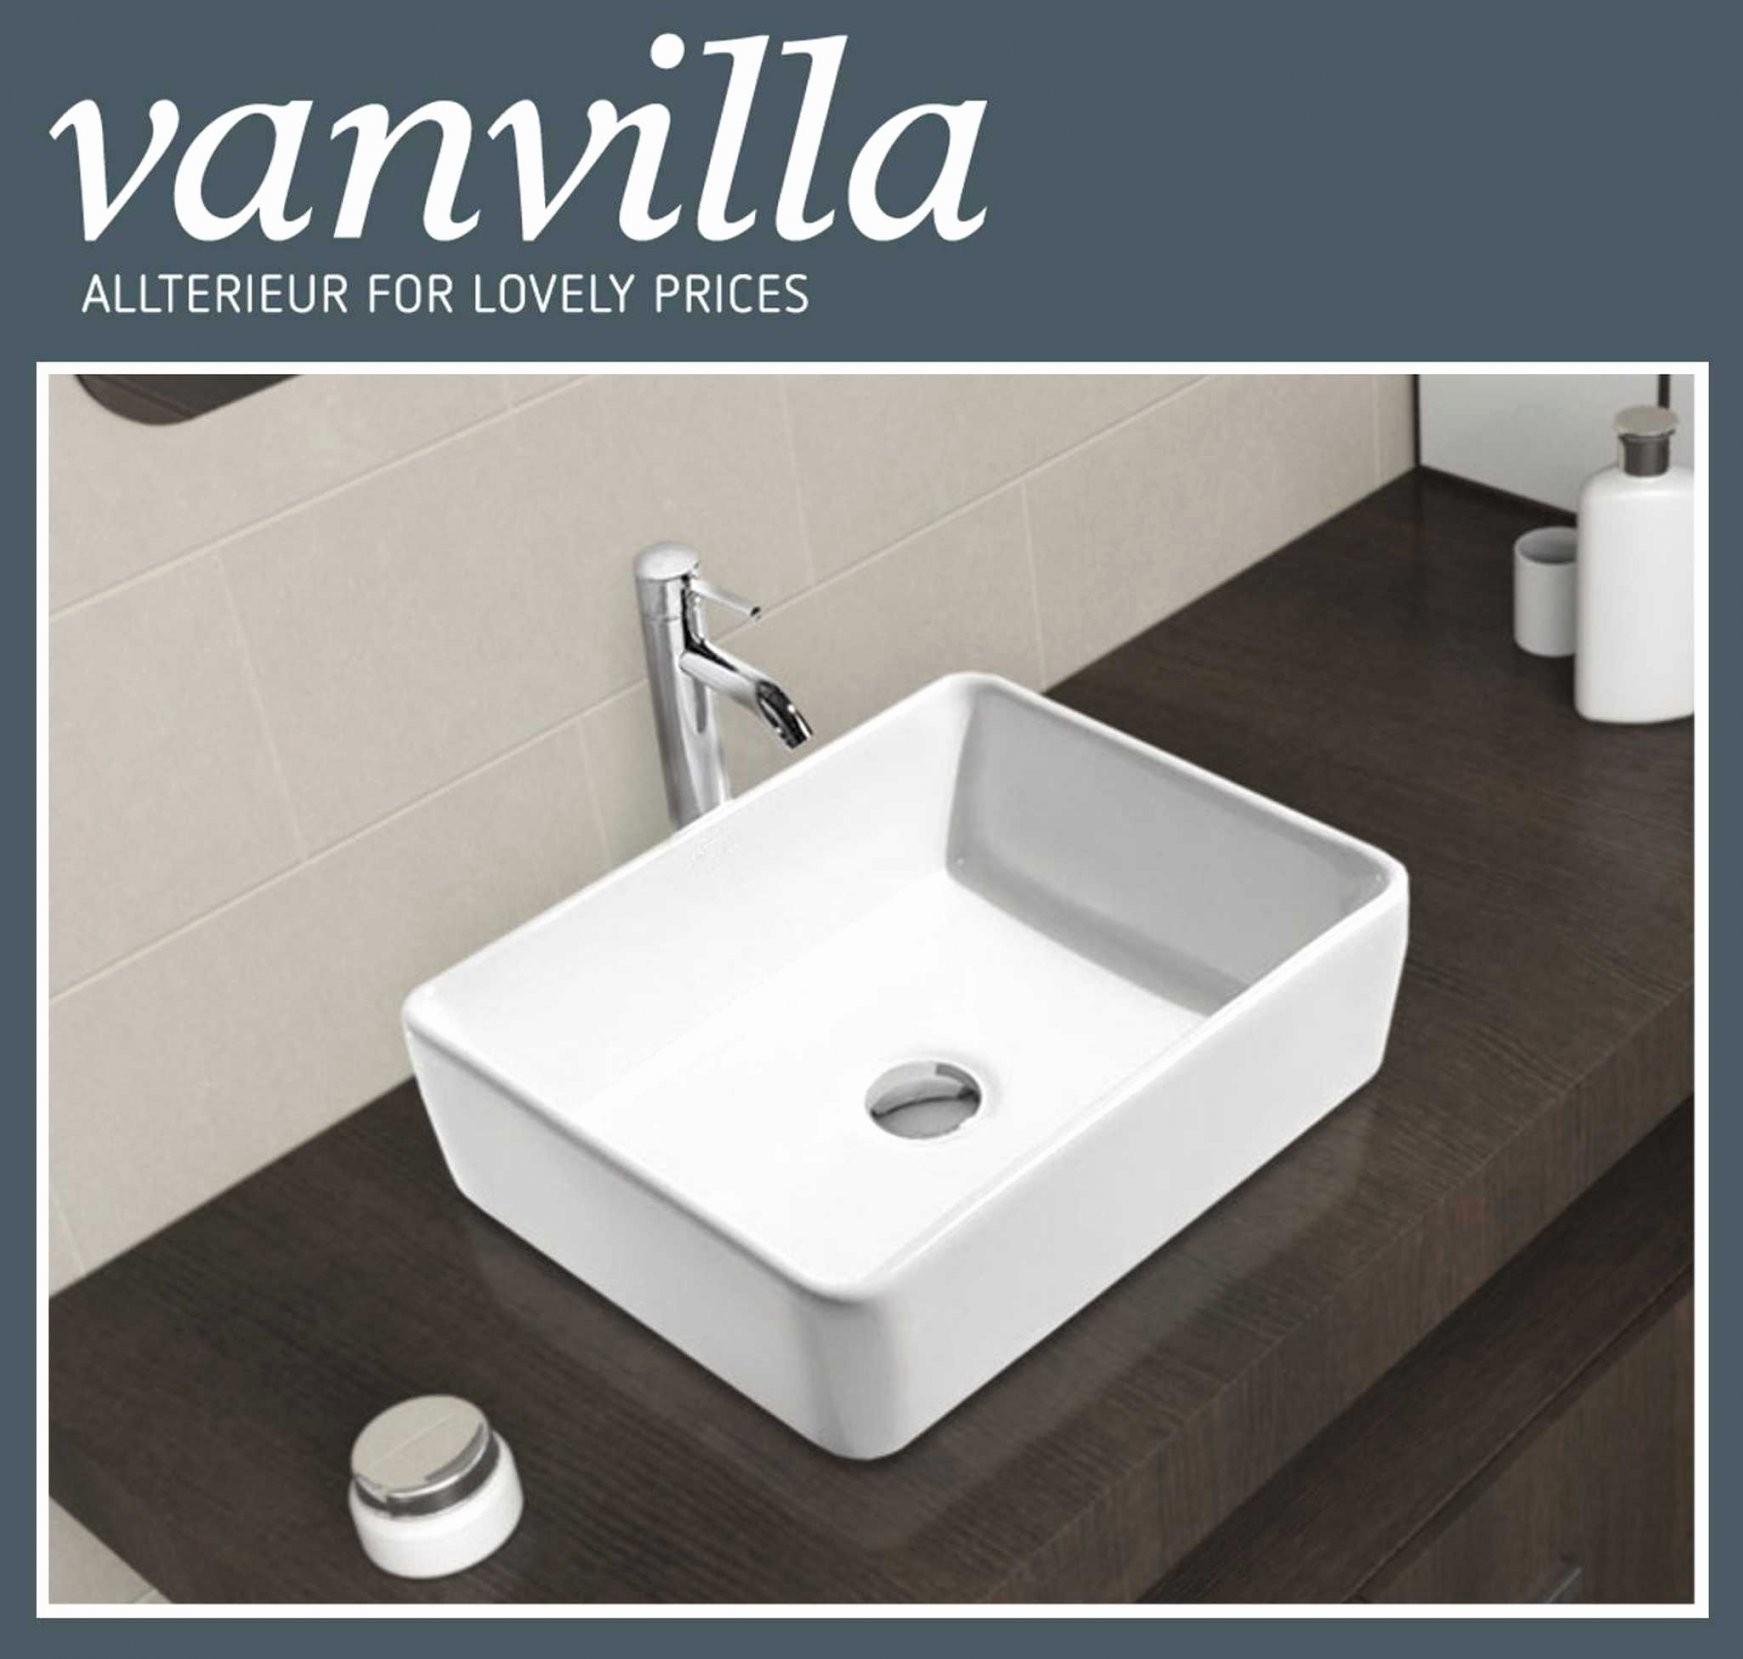 Handwaschbecken Eckig Kleine Genüsse Waschbecken Waschtisch Für von Waschbecken Klein Eckig Bild